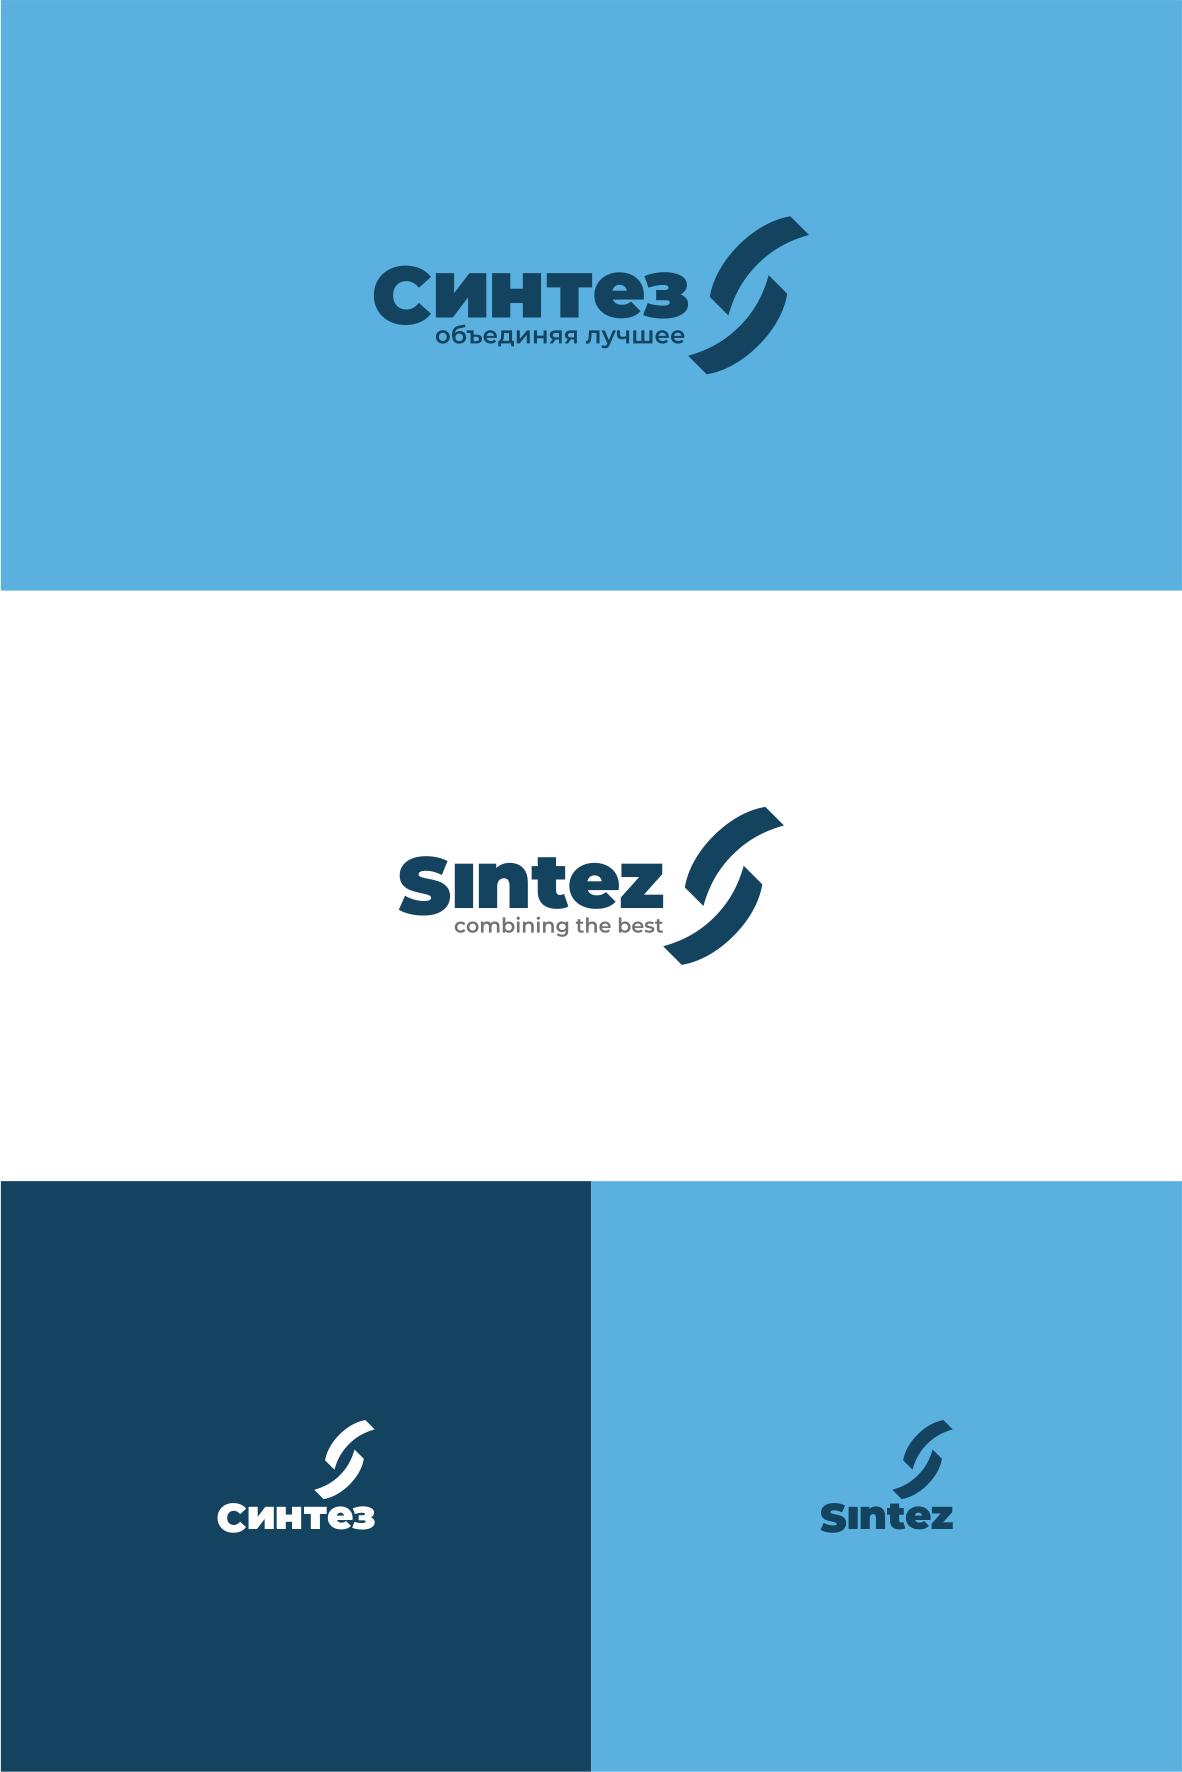 Разрабтка логотипа компании и фирменного шрифта фото f_2105f60916440388.png